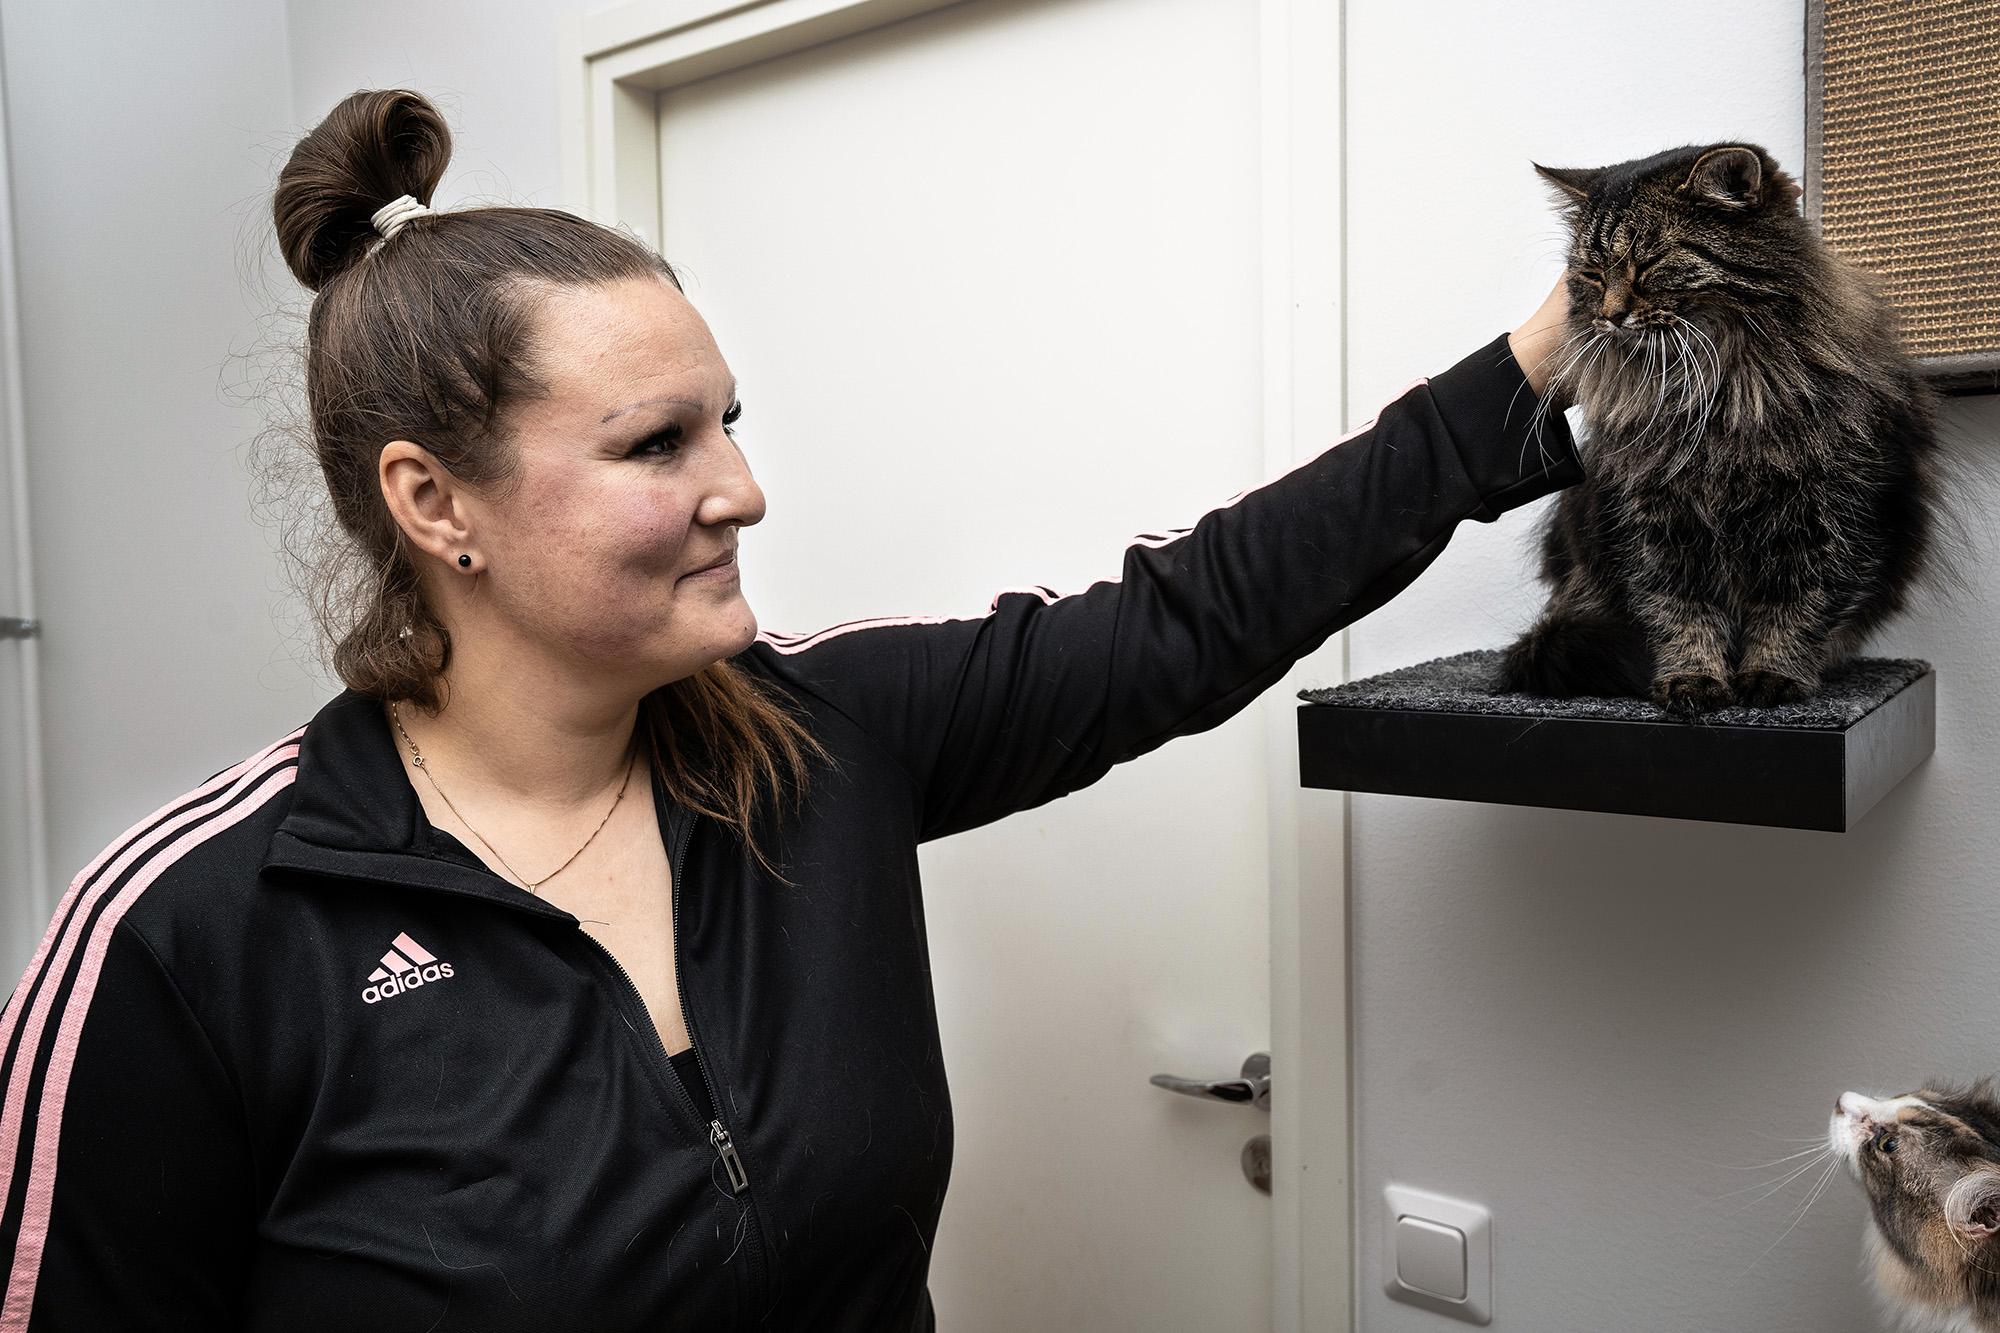 Henkilö silittää seinään kiinnitetyllä tasolla istuvaa kissaa